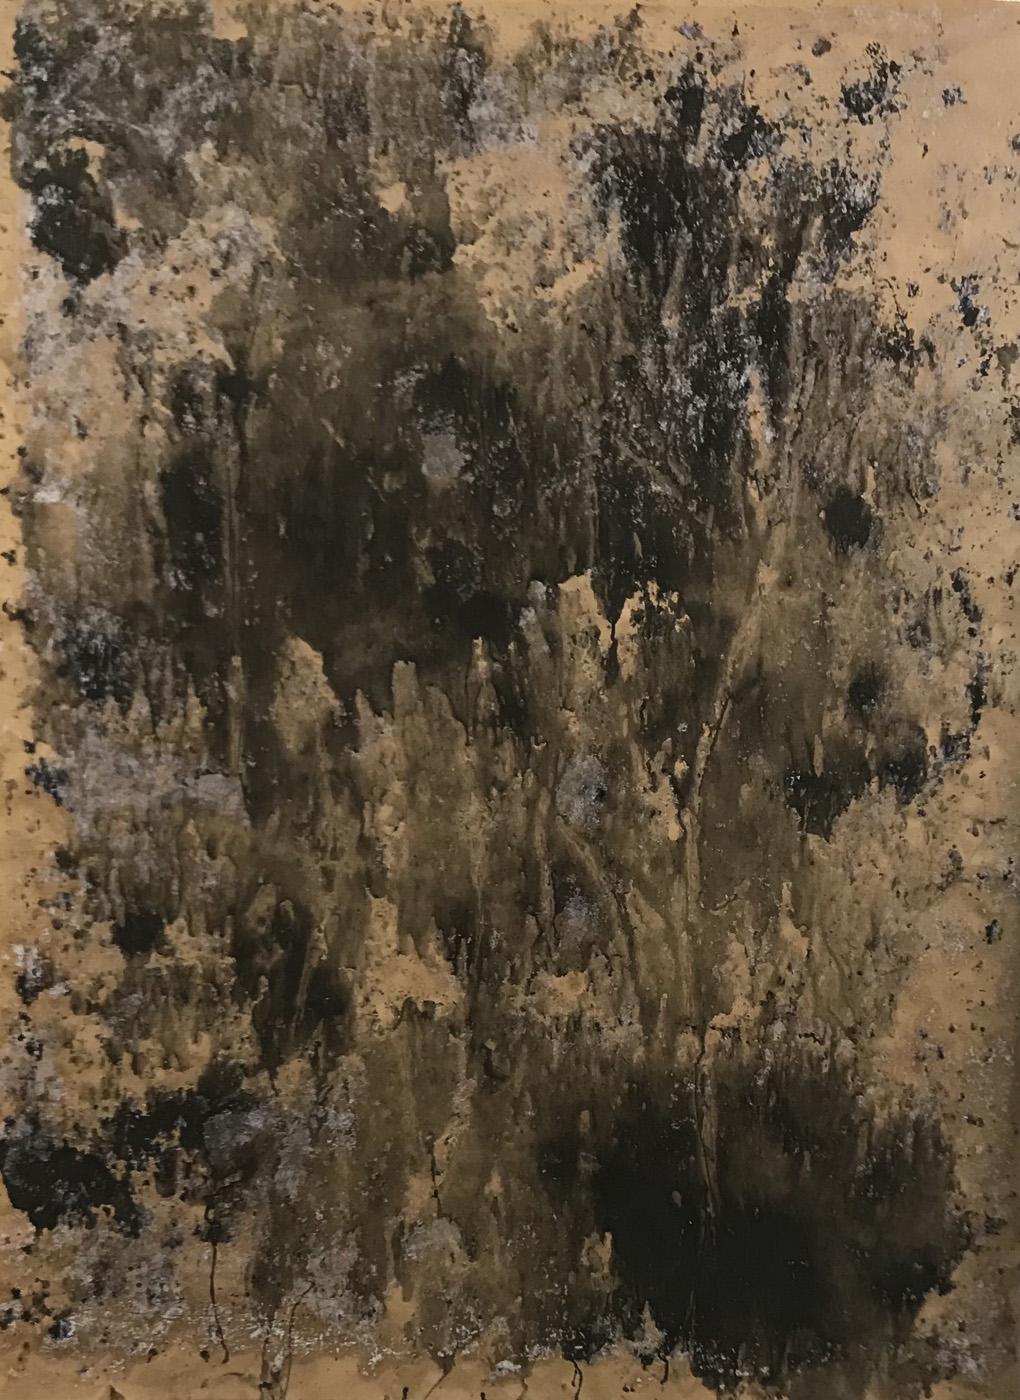 MARC FELD 2021 ÉBOULIS 3 série MURAILLES MÉMOIRES Huile gouache et acrylique sur papier 130 x 96 cm